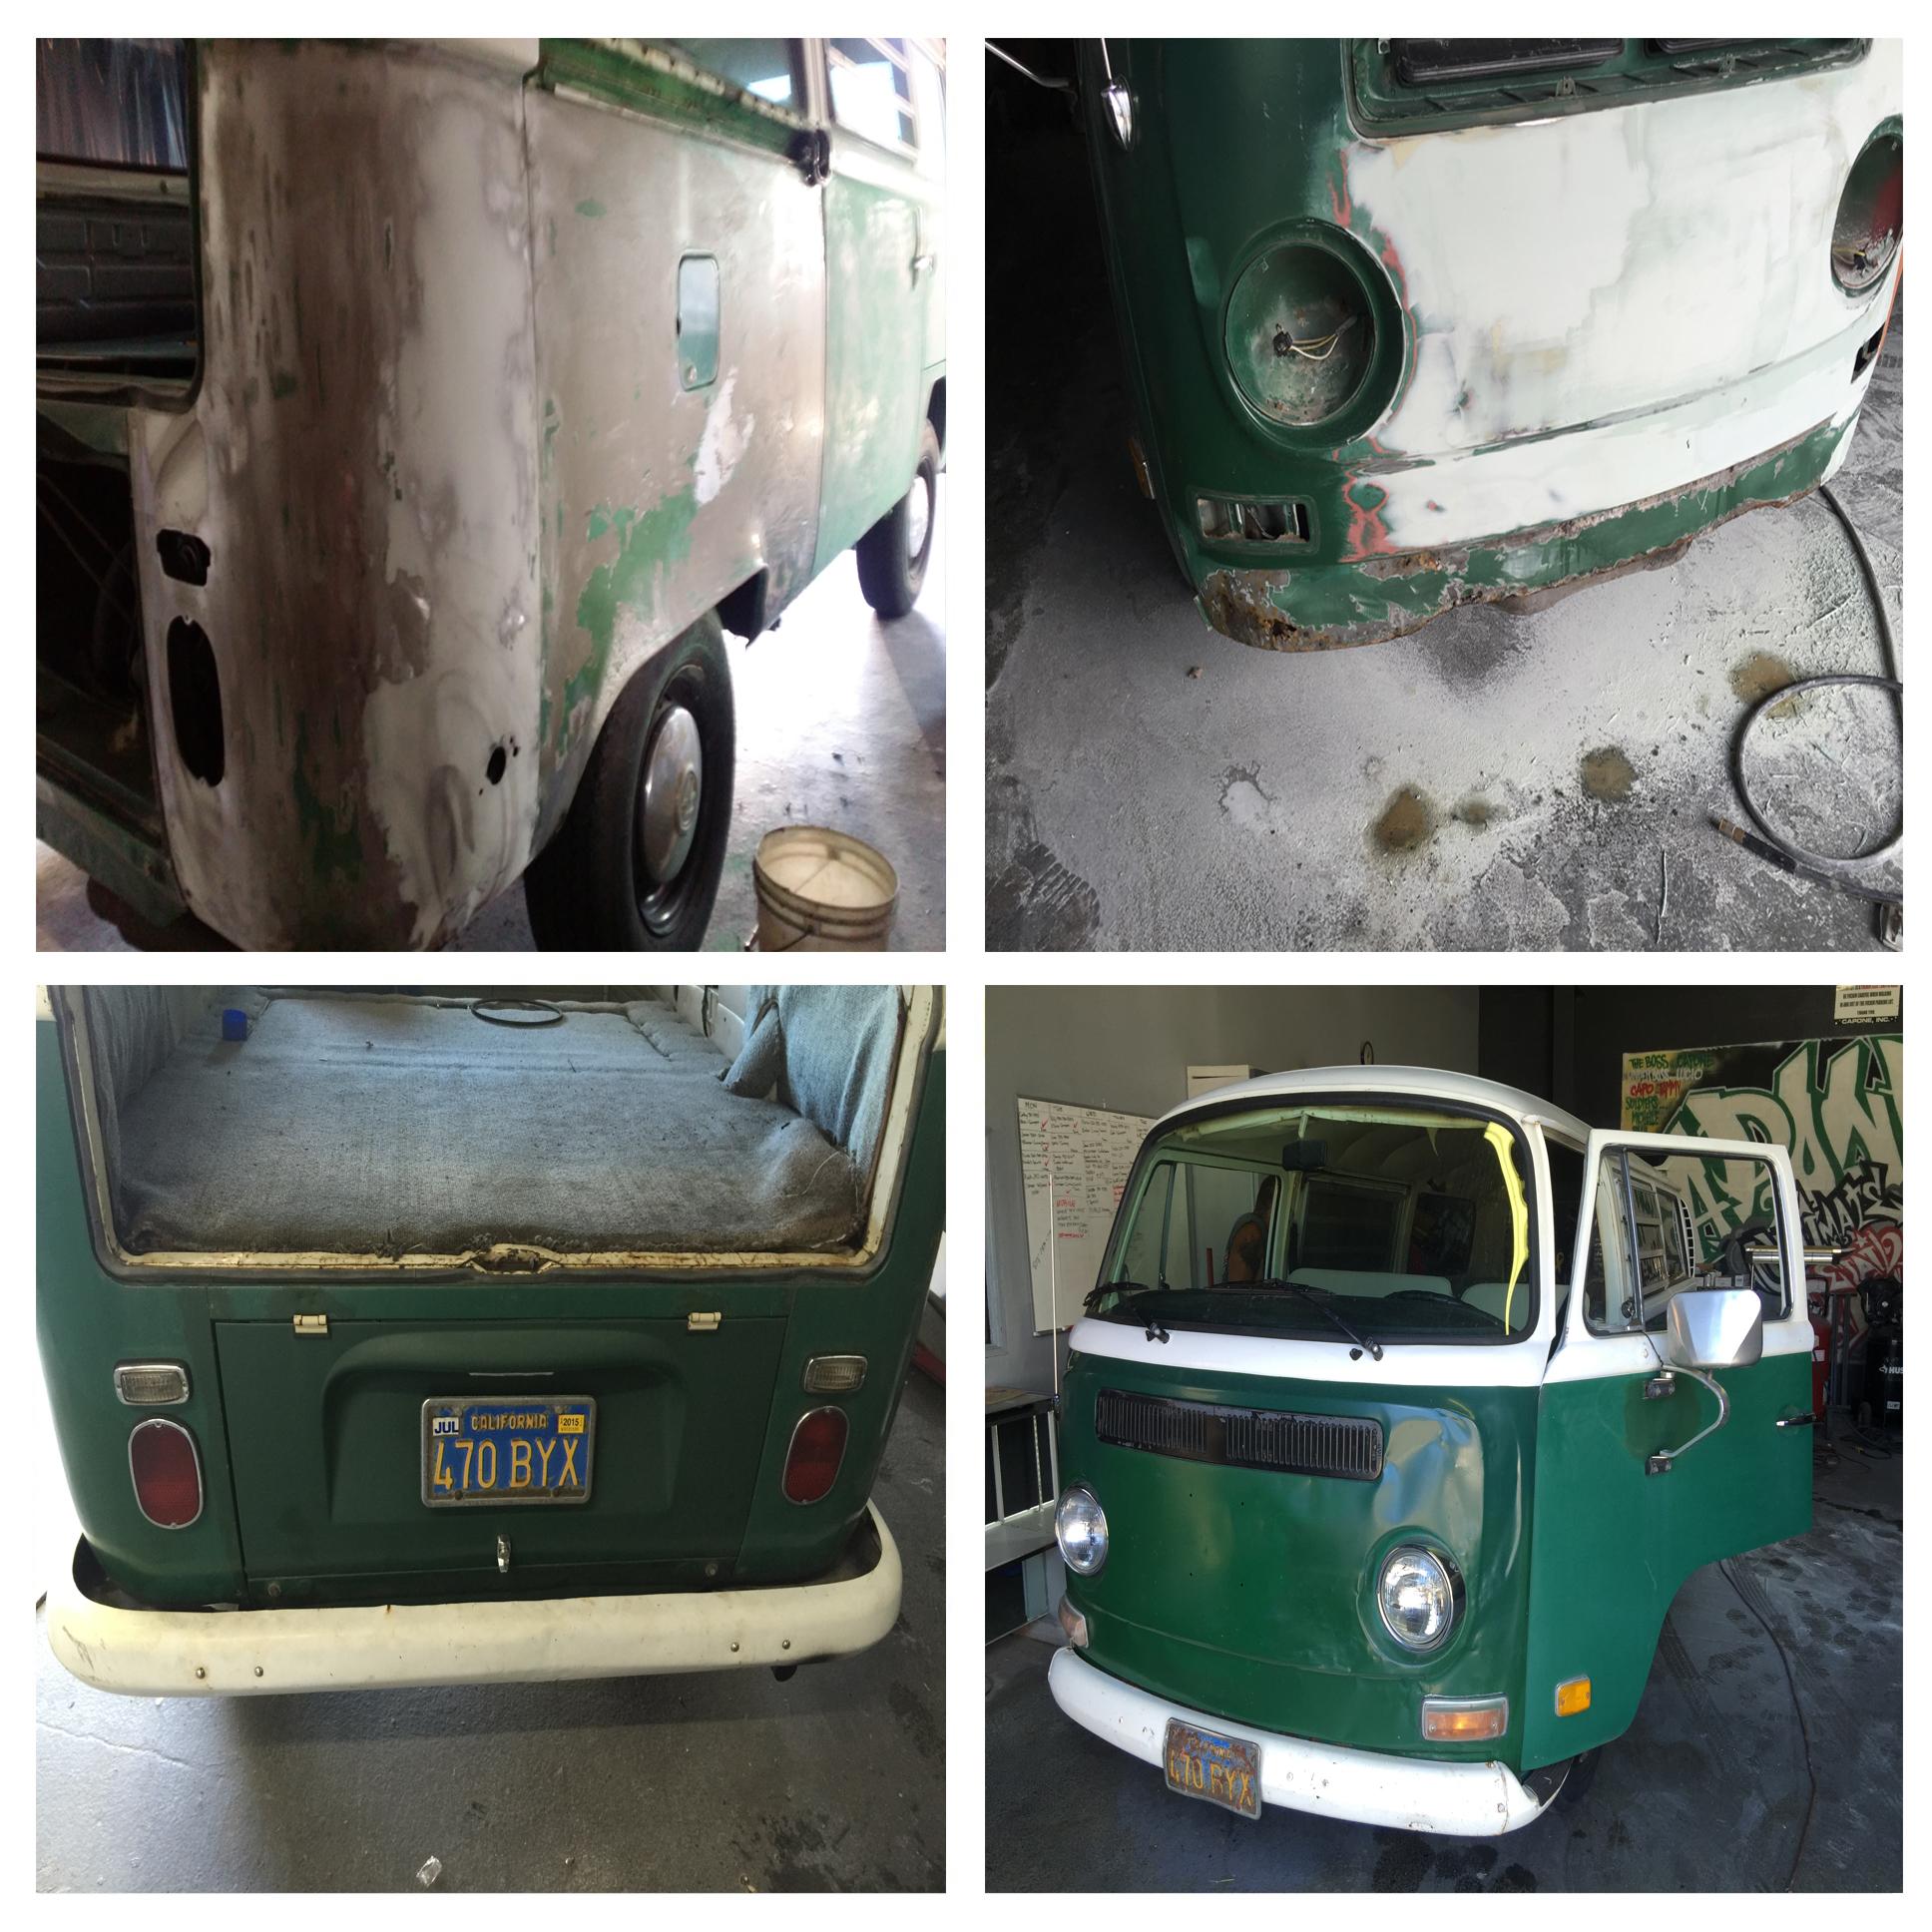 1971 Green VW